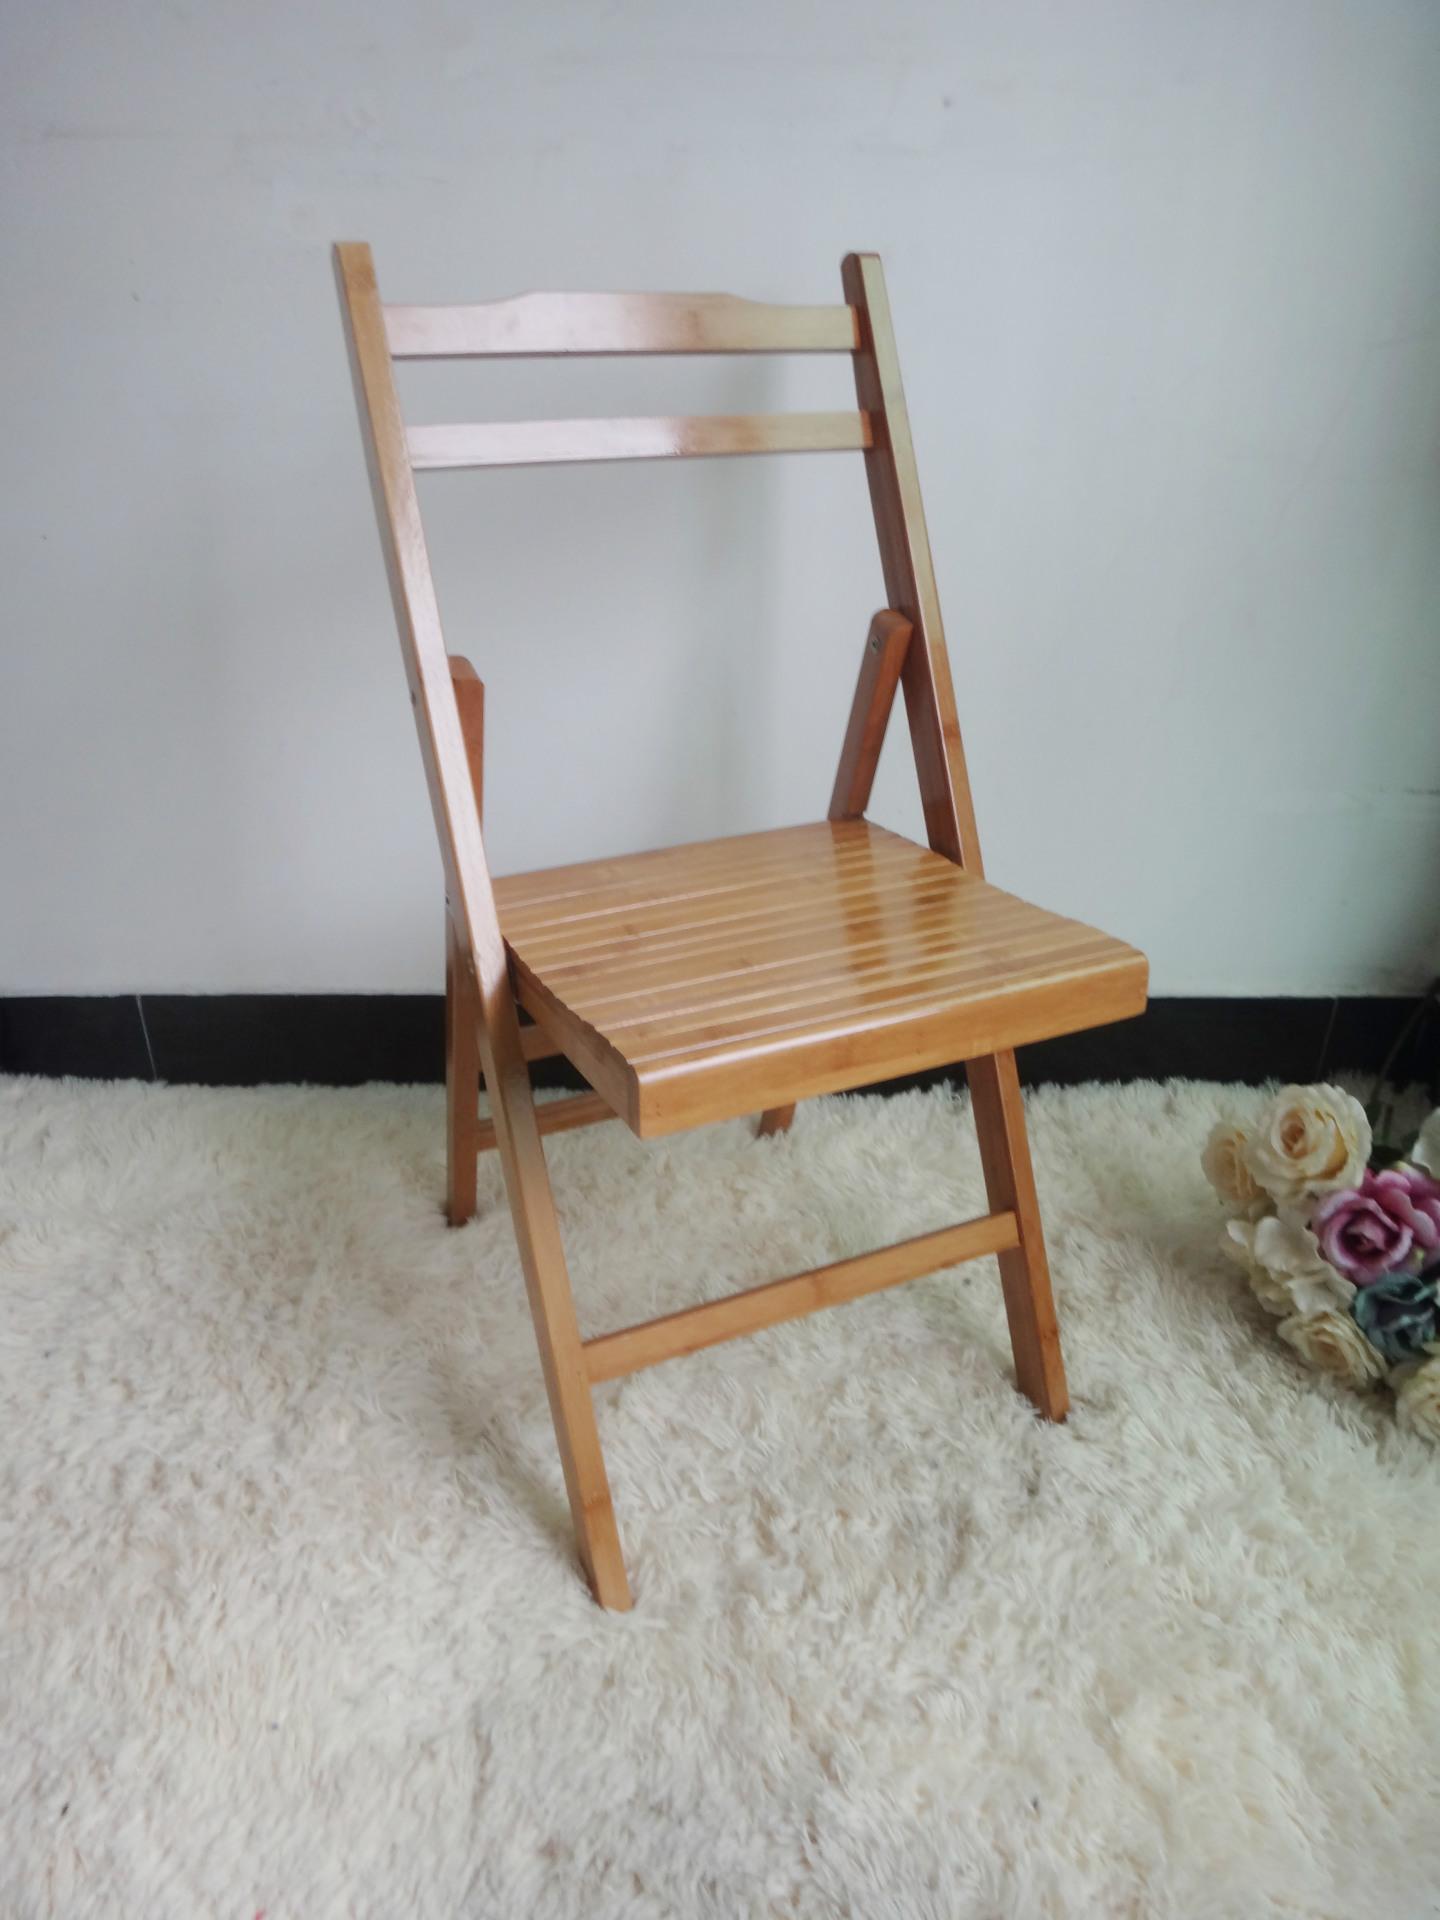 折叠椅-蜘蛛小大号仿生靠背椅楠竹家具折叠椅竹制家具成人图片